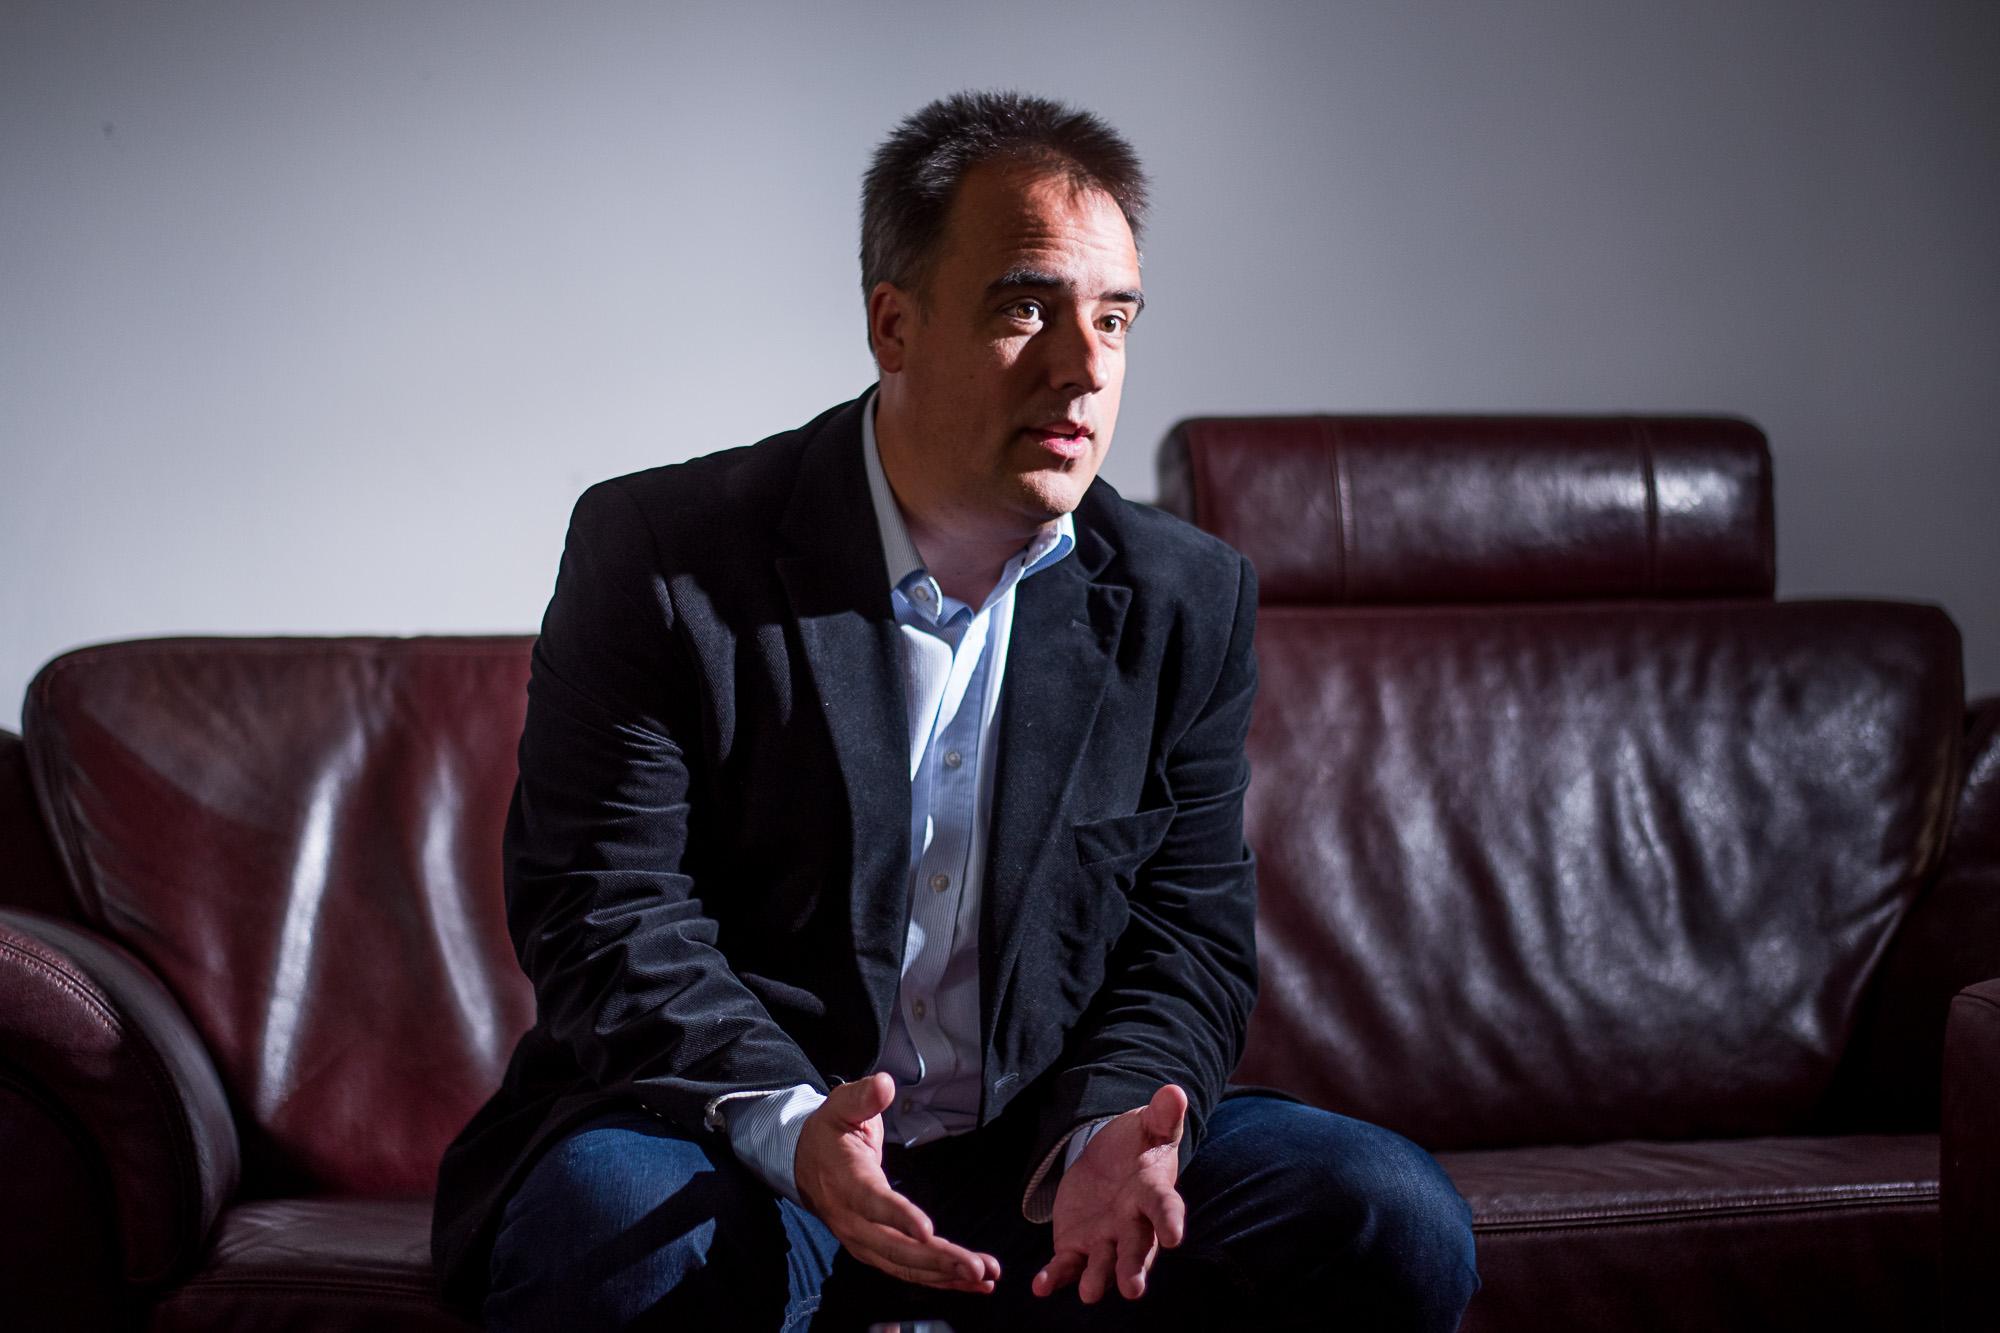 Török Gábor: Ez a legnagyobb fenyegetés, ami eddig érte Orbánt 2